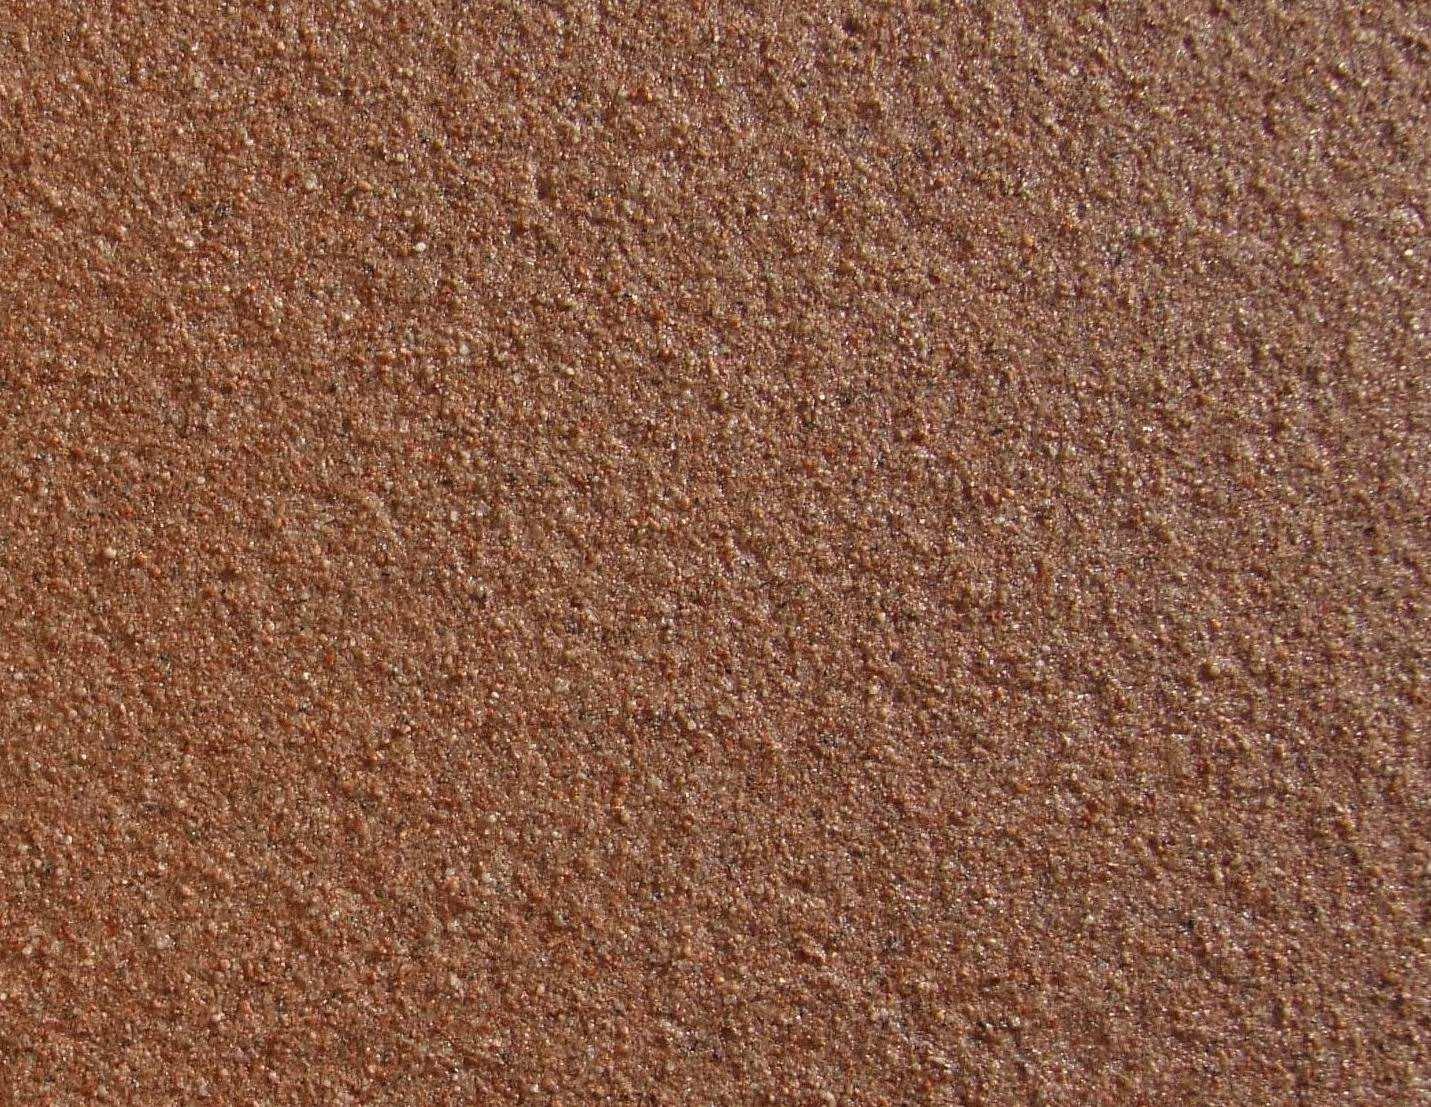 干粉刮沙漆